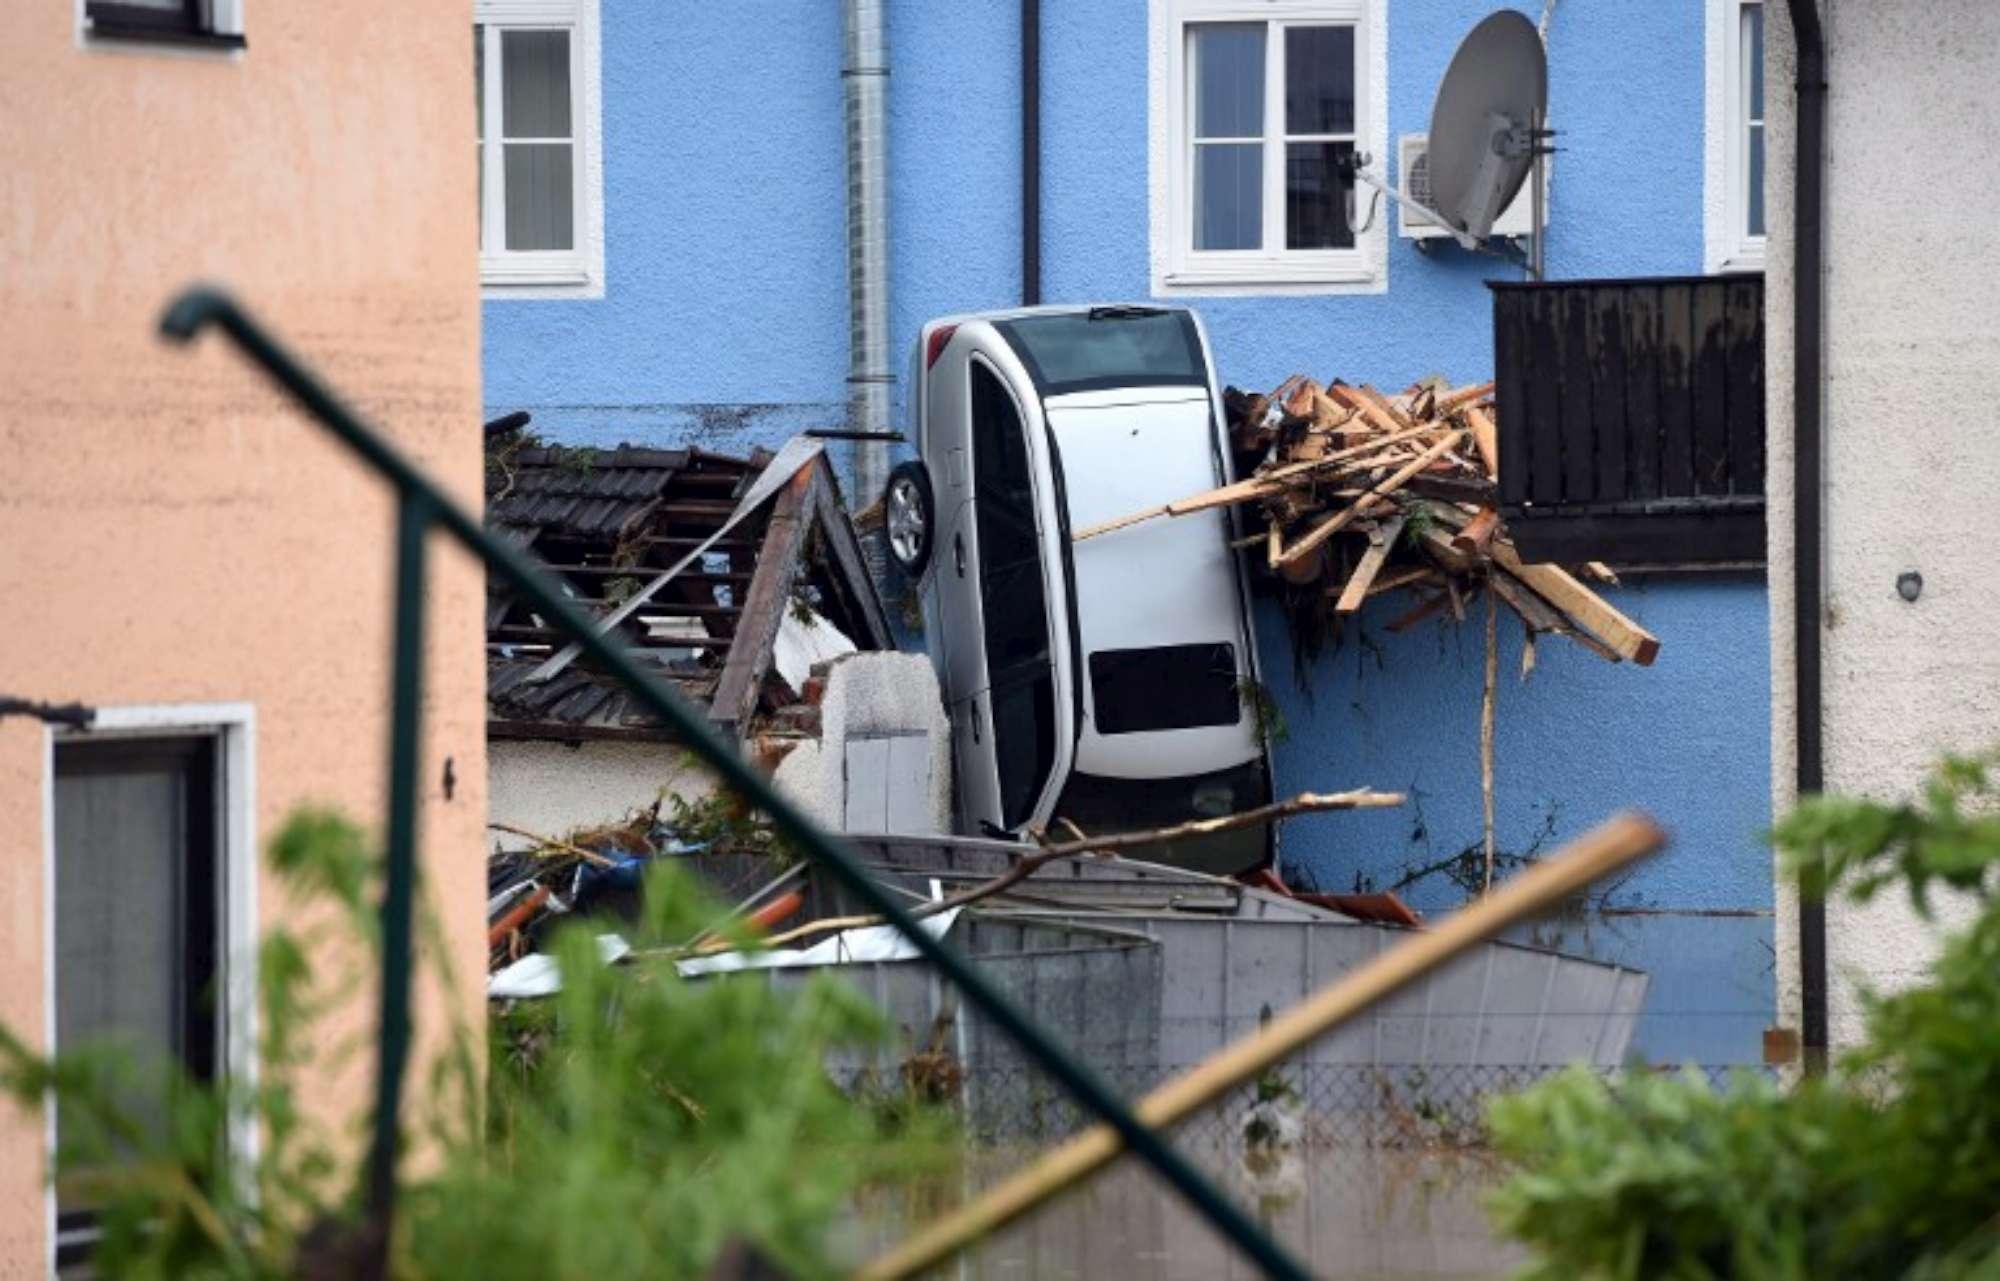 Germania travolta dal maltempo: almeno cinque morti